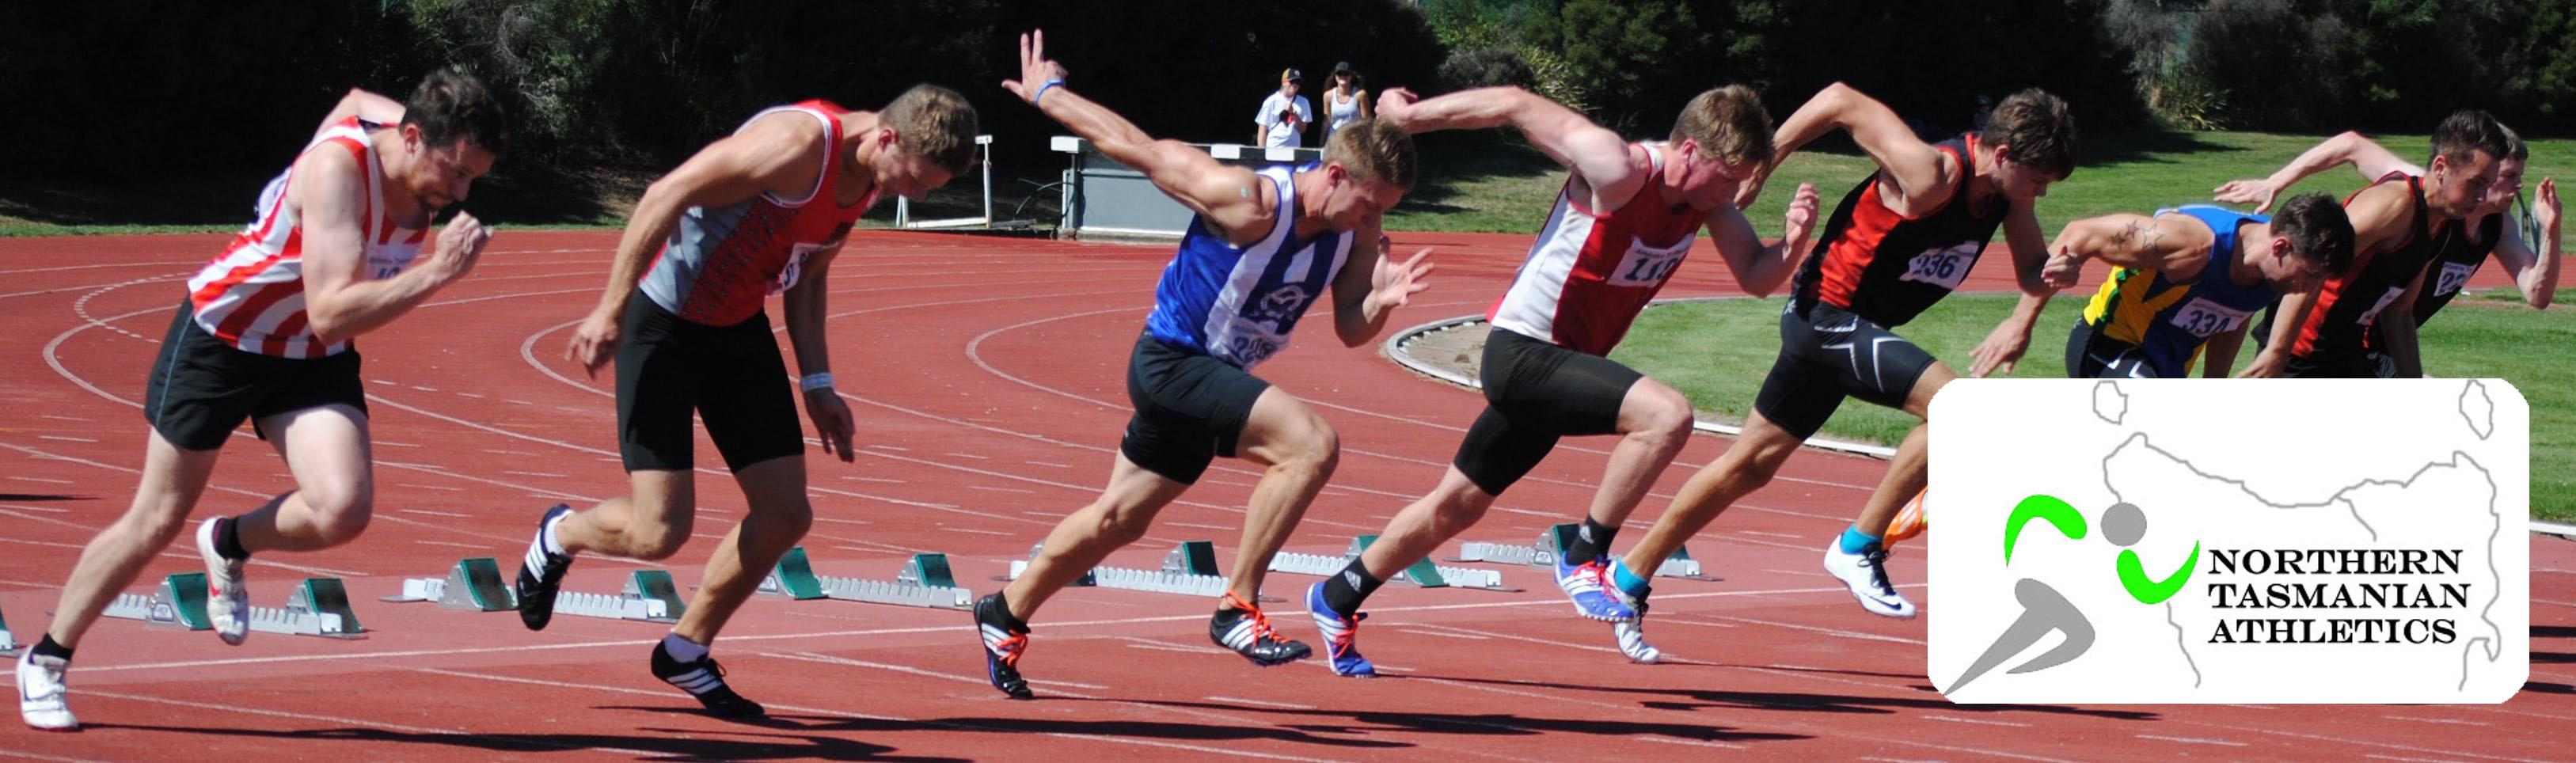 Northern Tasmanian Athletics